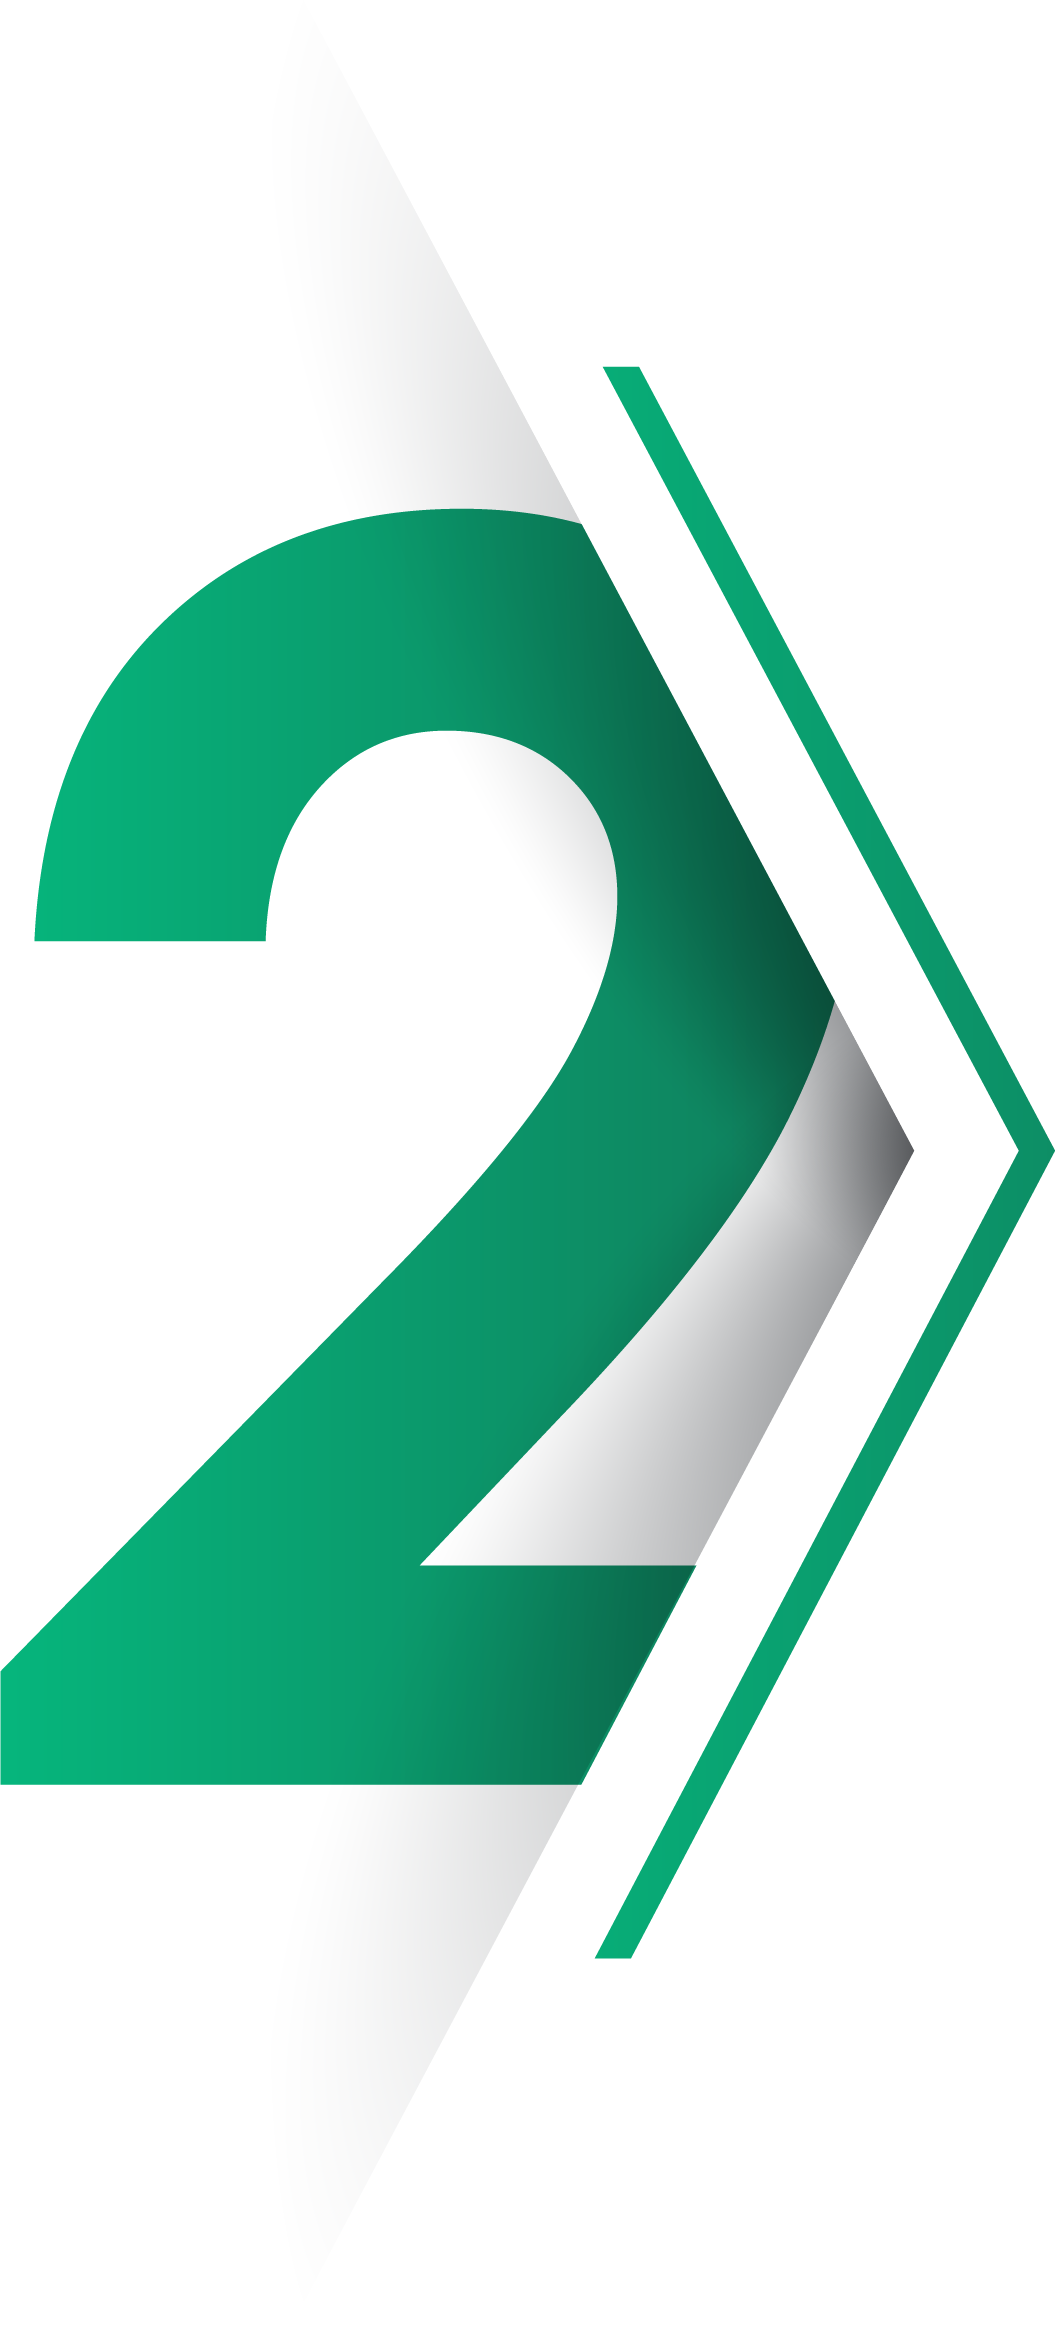 # 2 design